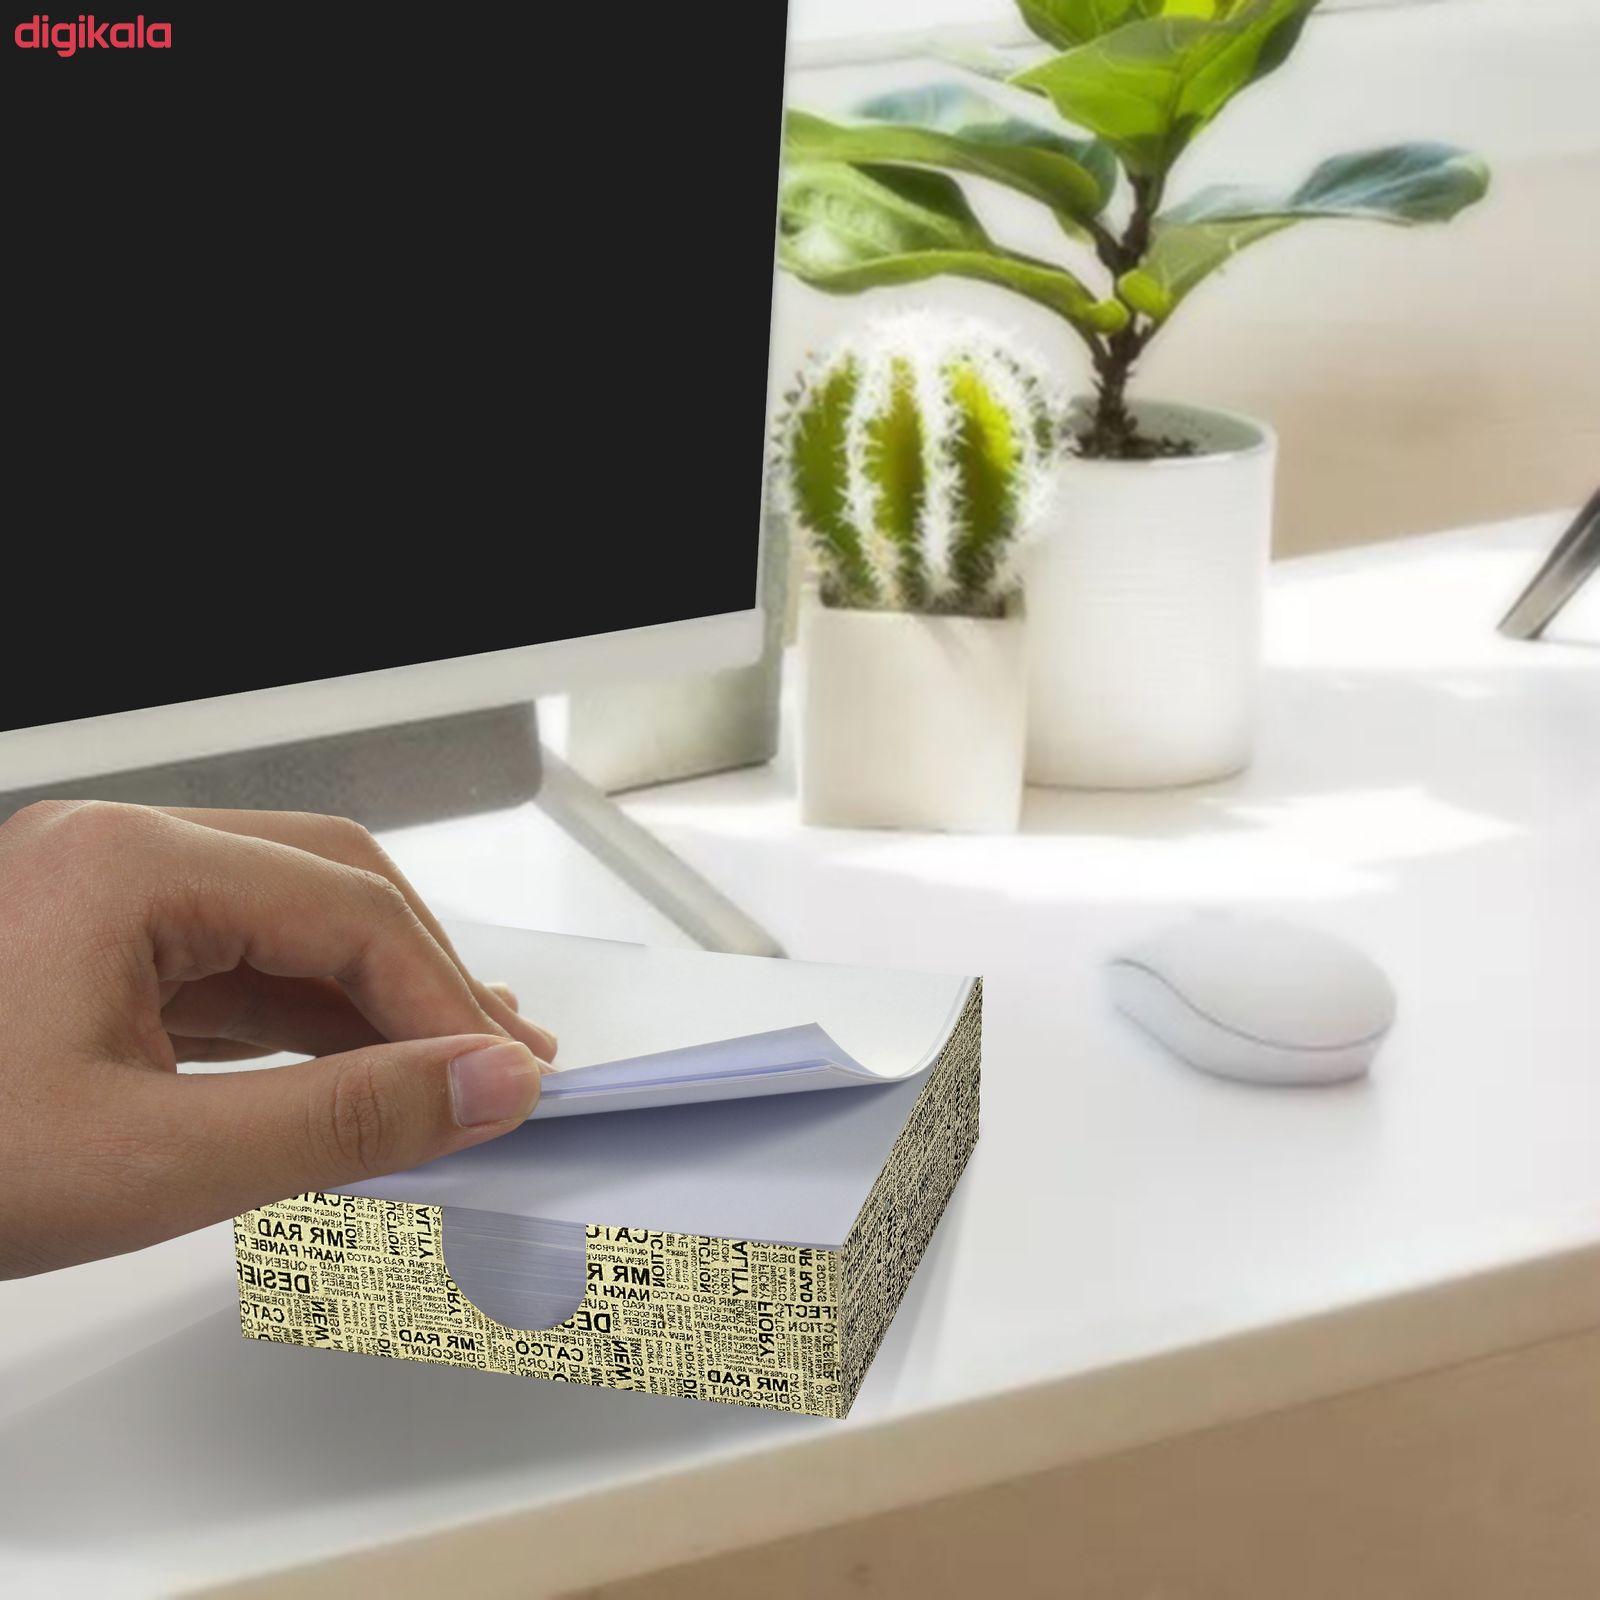 کاغذ یادداشت مستر راد مدل پریاکد W-1035بسته 200 عددی main 1 10